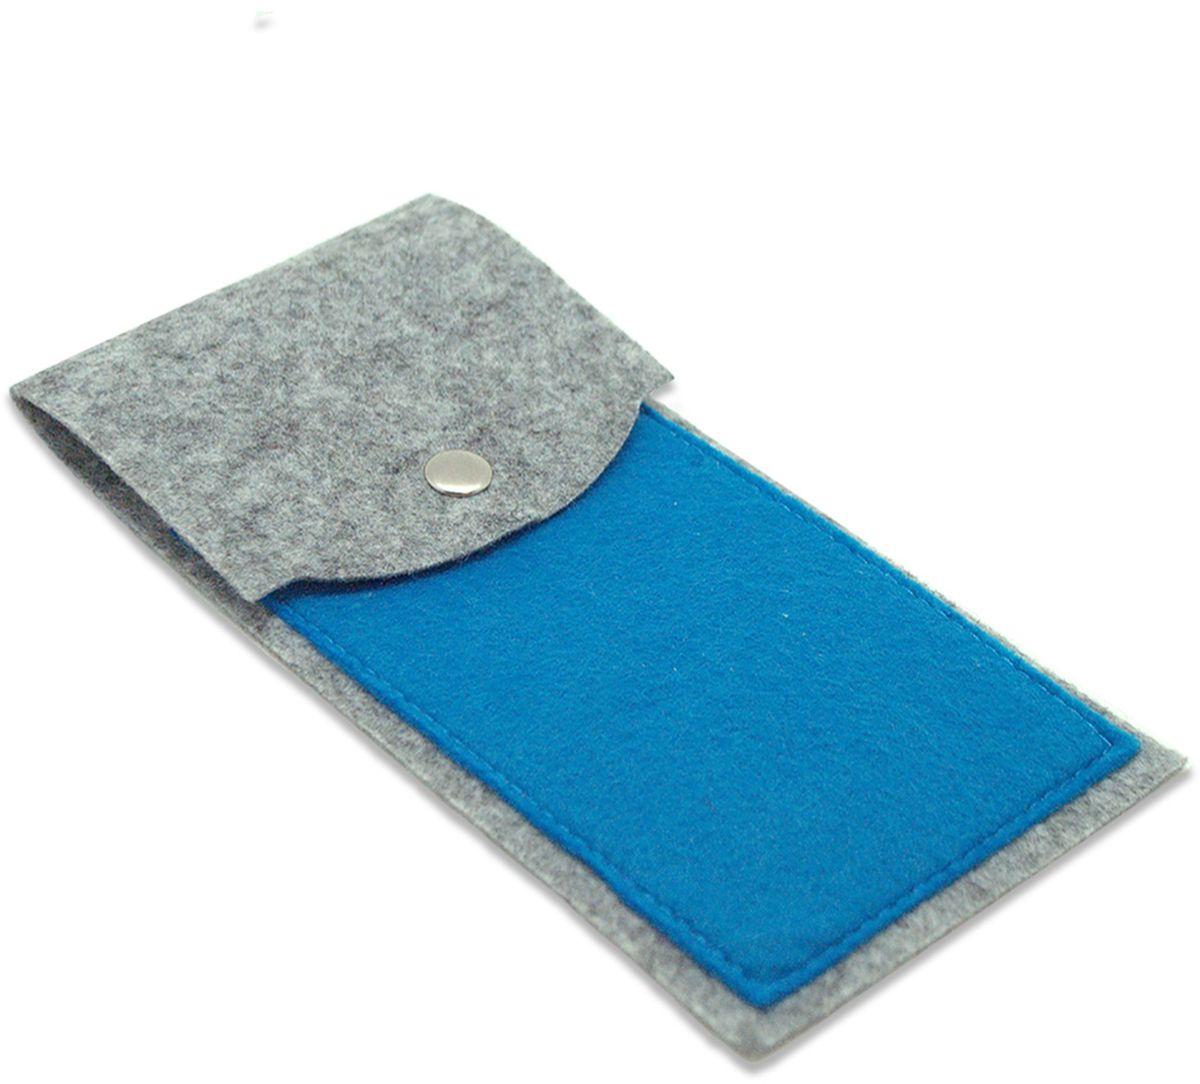 Feltrica Пенал цвет серый синий4627130655007Удобный аксессуар из фетра, подчеркнет индивидуальность своего обладателя и станет незаменимым помощником в повседневной жизни.